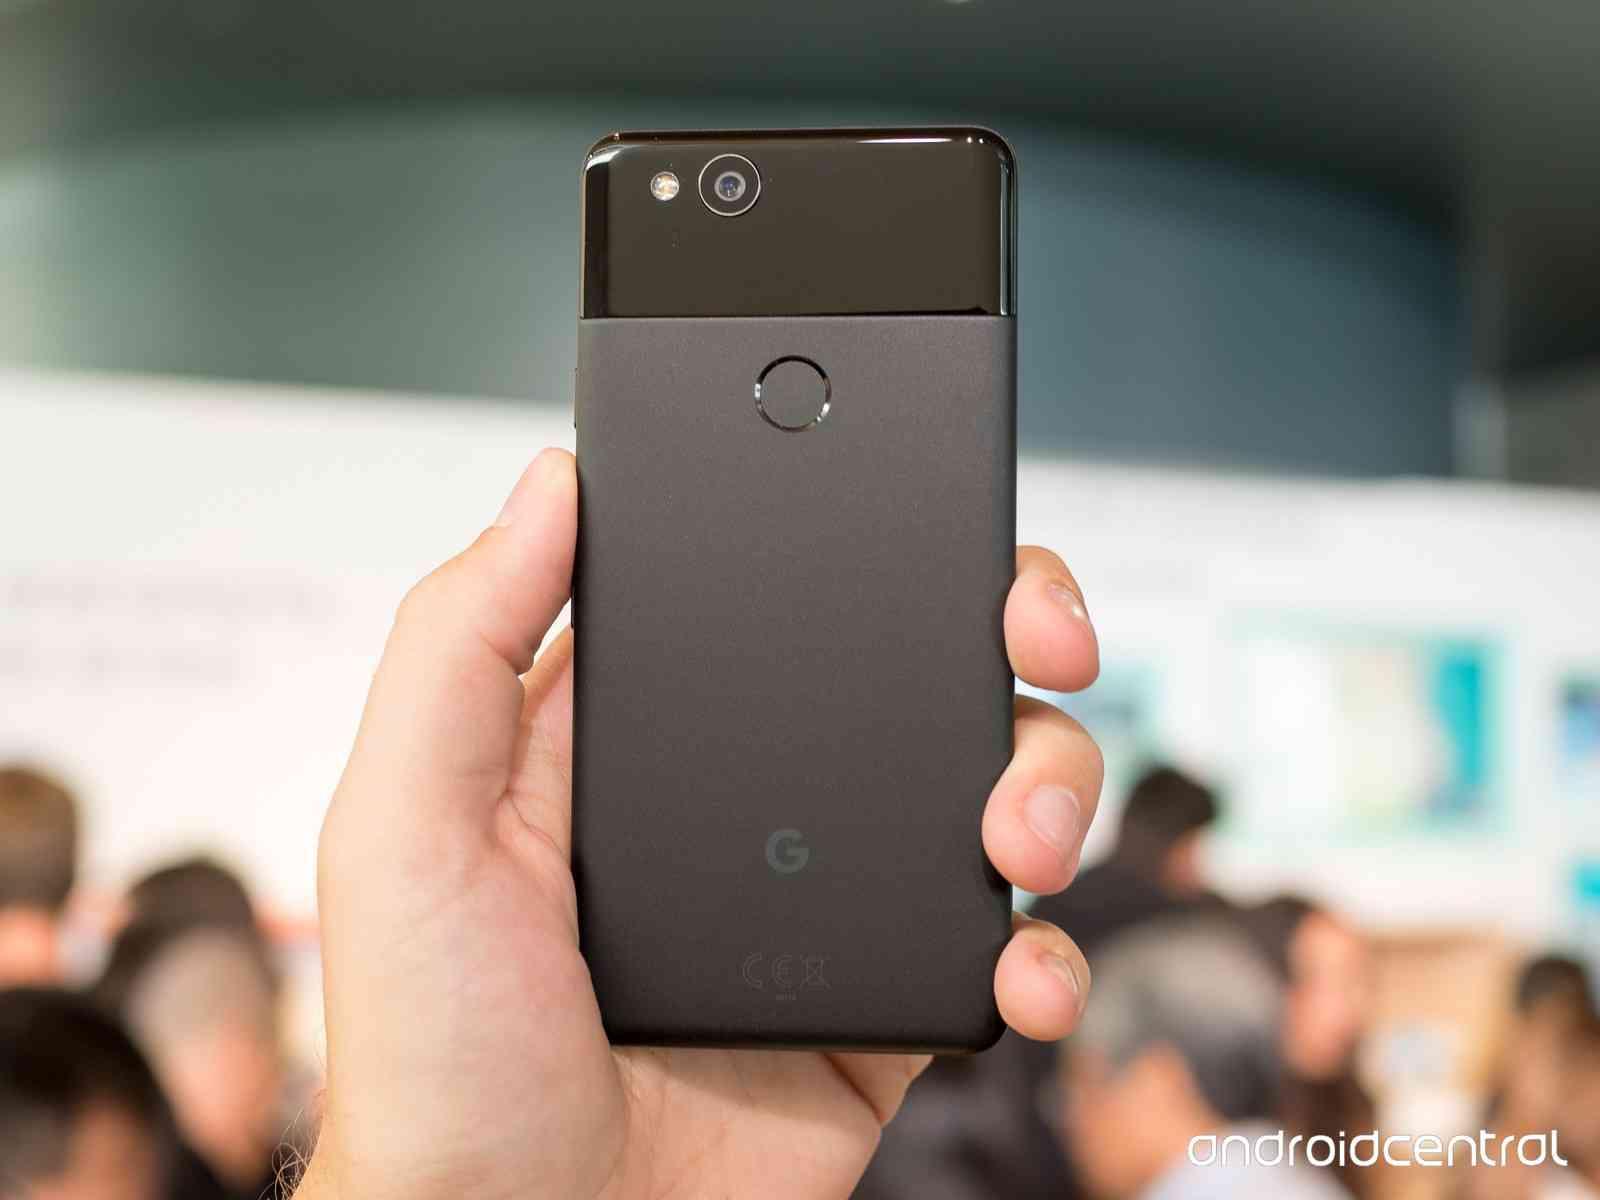 Примеры фото с Google Pixel 2 и лучшей камеры Другие устройства  - pixel_2_pixel_2_xl_hands_on_17-1